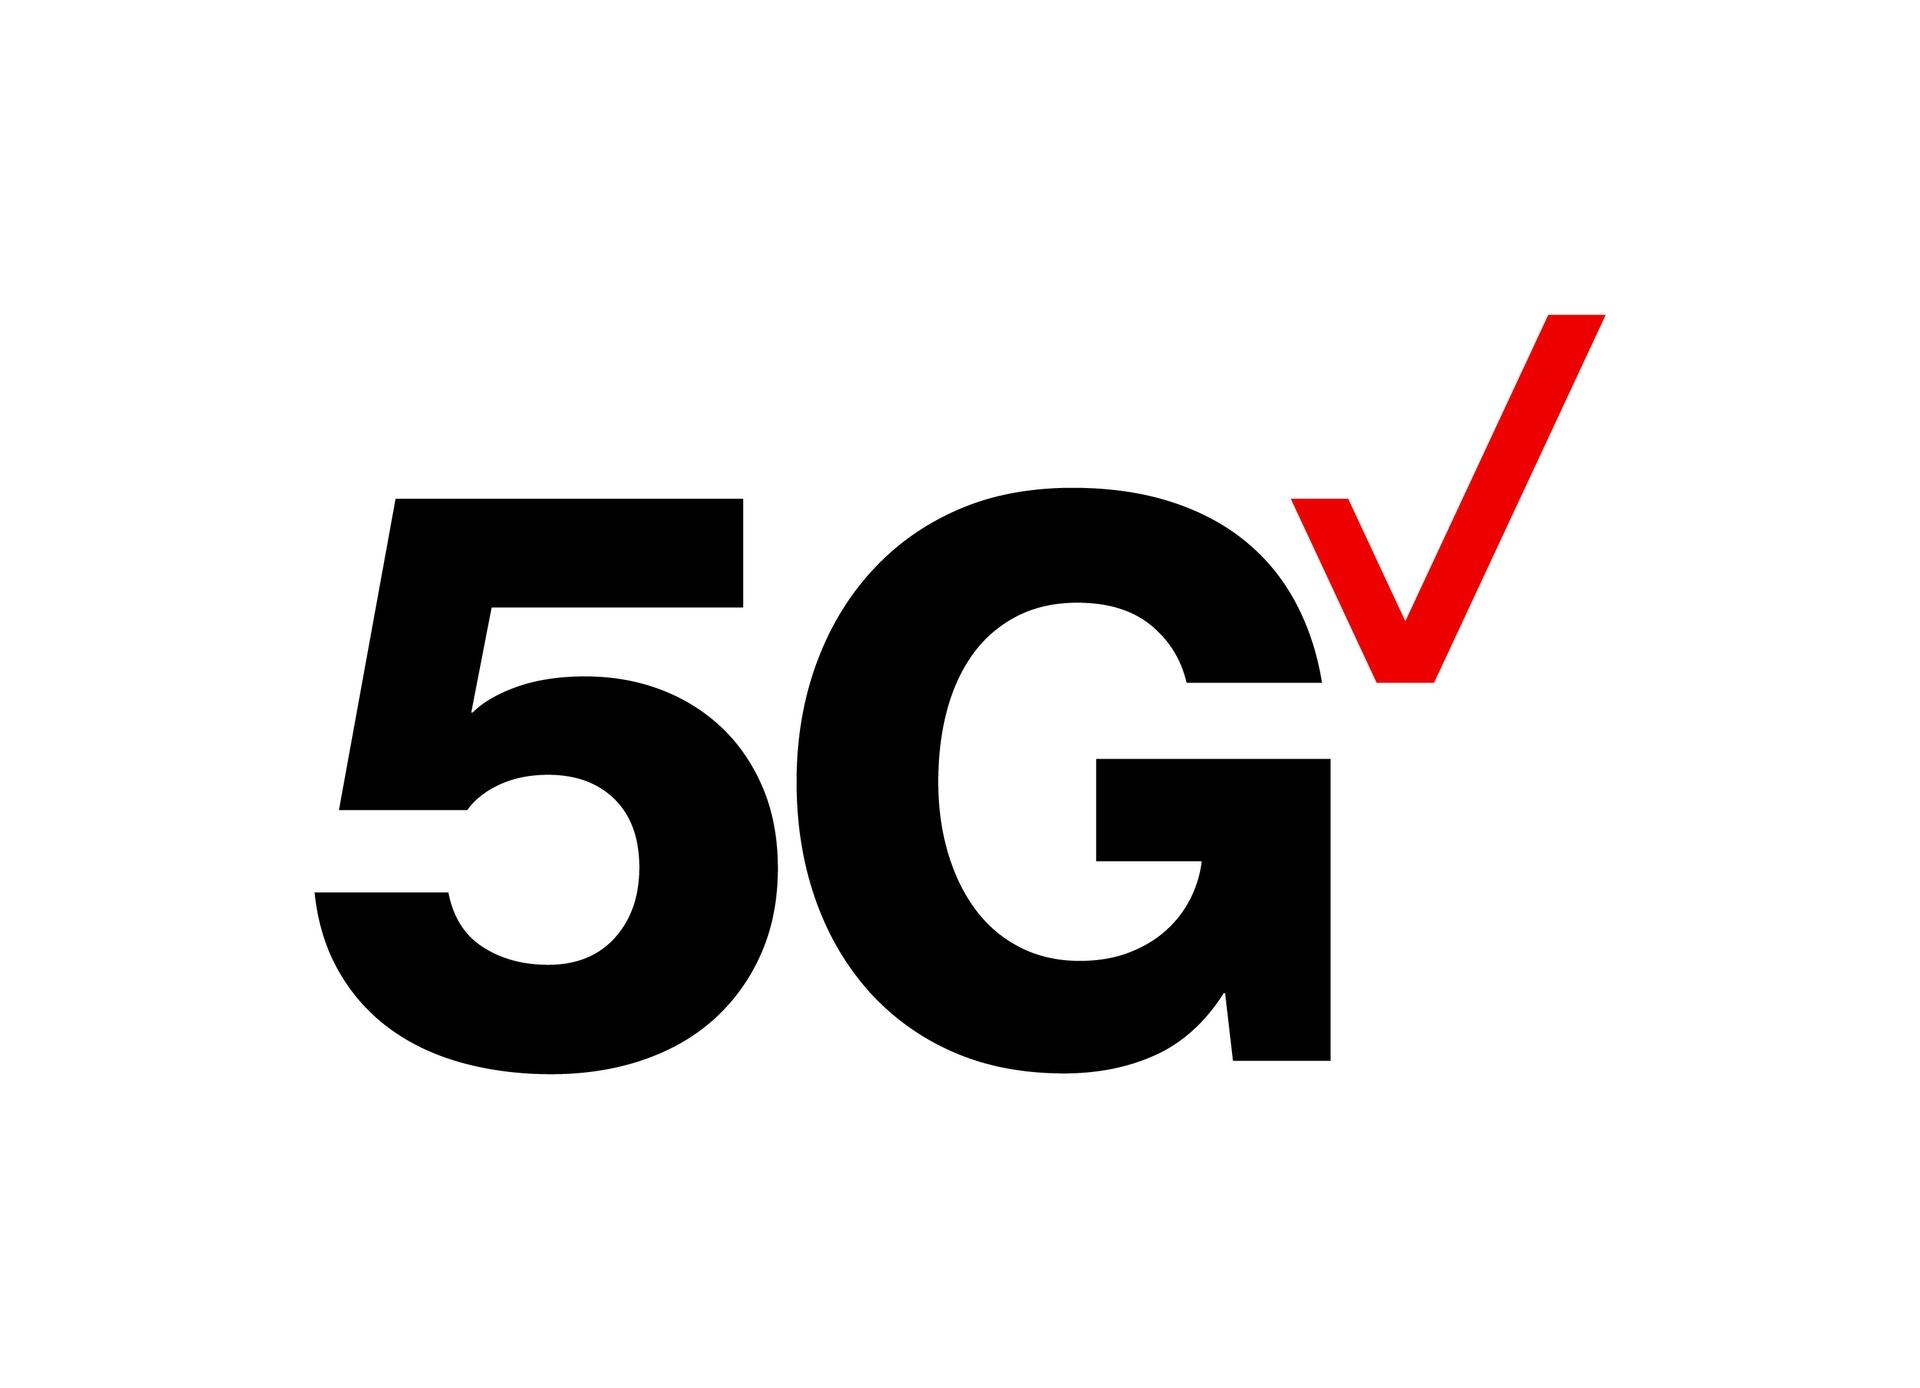 5G logos